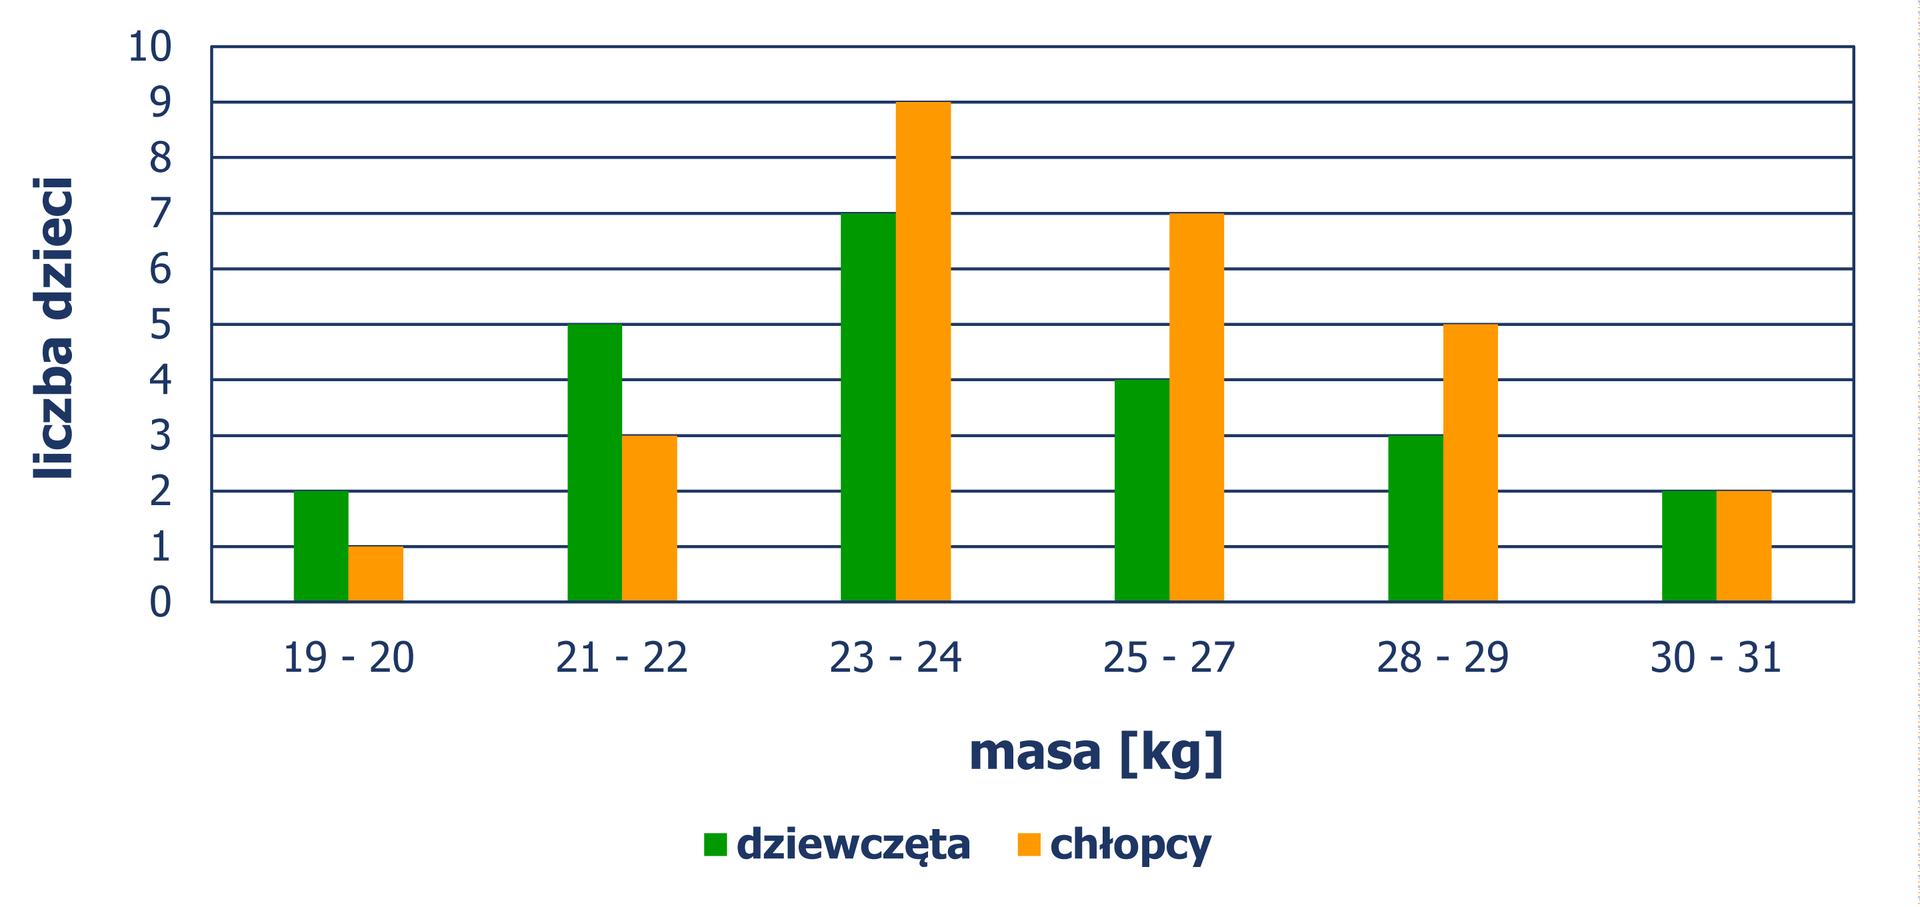 Diagram słupkowy pionowy, zktórego odczytujemy liczbę dzieci odanej masie ciała. Masę 19 kg – 20 kg mają 2 dziewczynki i1 chłopiec. Masę 21 kg – 22 kg ma 5 dziewczynek i3 chłopców. Masę 23 kg – 24 kg ma 7 dziewczynek i9 chłopców. Masę 25 kg – 27 kg mają 4 dziewczynki i7 chłopców. Masę 28 kg – 29 kg mają 3 dziewczynki i5 chłopców. Masę 30 kg – 31 kg mają 2 dziewczynki i2 chłopców.